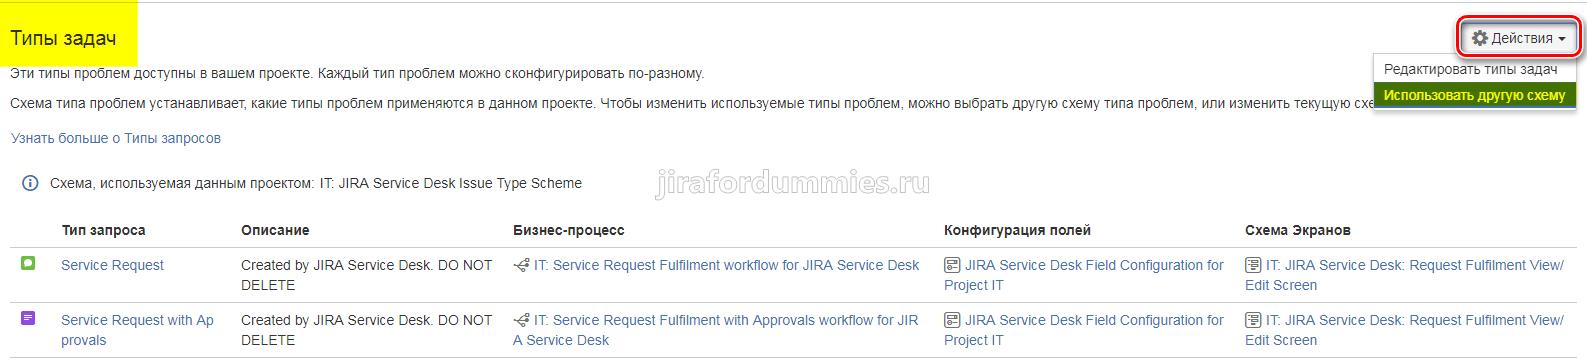 Изменить схему типа запросов в JIRA SD